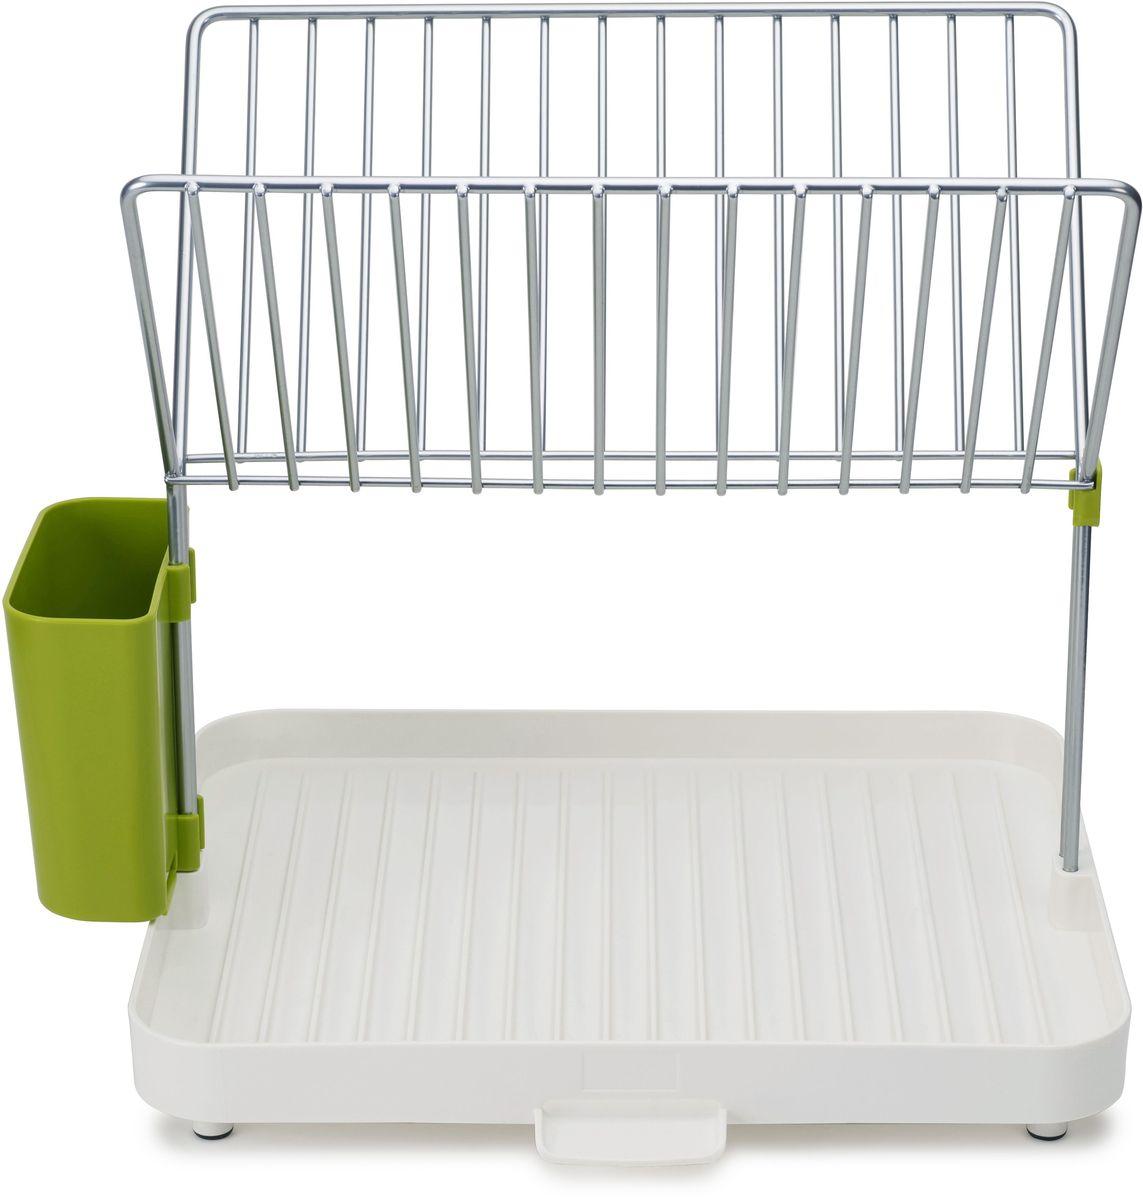 Сушилка для посуды и столовых приборов Joseph Joseph Y-rack, 2-уровневая, со сливом, 36,5 х 30,4 х 28,2 см85083Сушилка для посуды и столовых приборов Joseph Joseph Y-rack- эргономичная сушилка для посуды, позволяющая сэкономить место на кухне. Двухуровневая конструкция состоит из устойчивого основания для кастрюль, сковородок и чашек и из верхней решетки, вмещающей до 15 тарелок и блюдец. Объемное отделение со сливом предоставляет возможность тщательно осушить до 4 комплектов посуды — и все это на минимальном участке пространства. Вода свободно стекает по желобкам, расположенным у основания под наклоном, а встроенный носик позволяет быстро сливать жидкость прямо в раковину. Нескользящие ножки обеспечивают устойчивость. Конструкция разбирается на части для легкой очистки.Инструкции по сборке идут в комплекте.